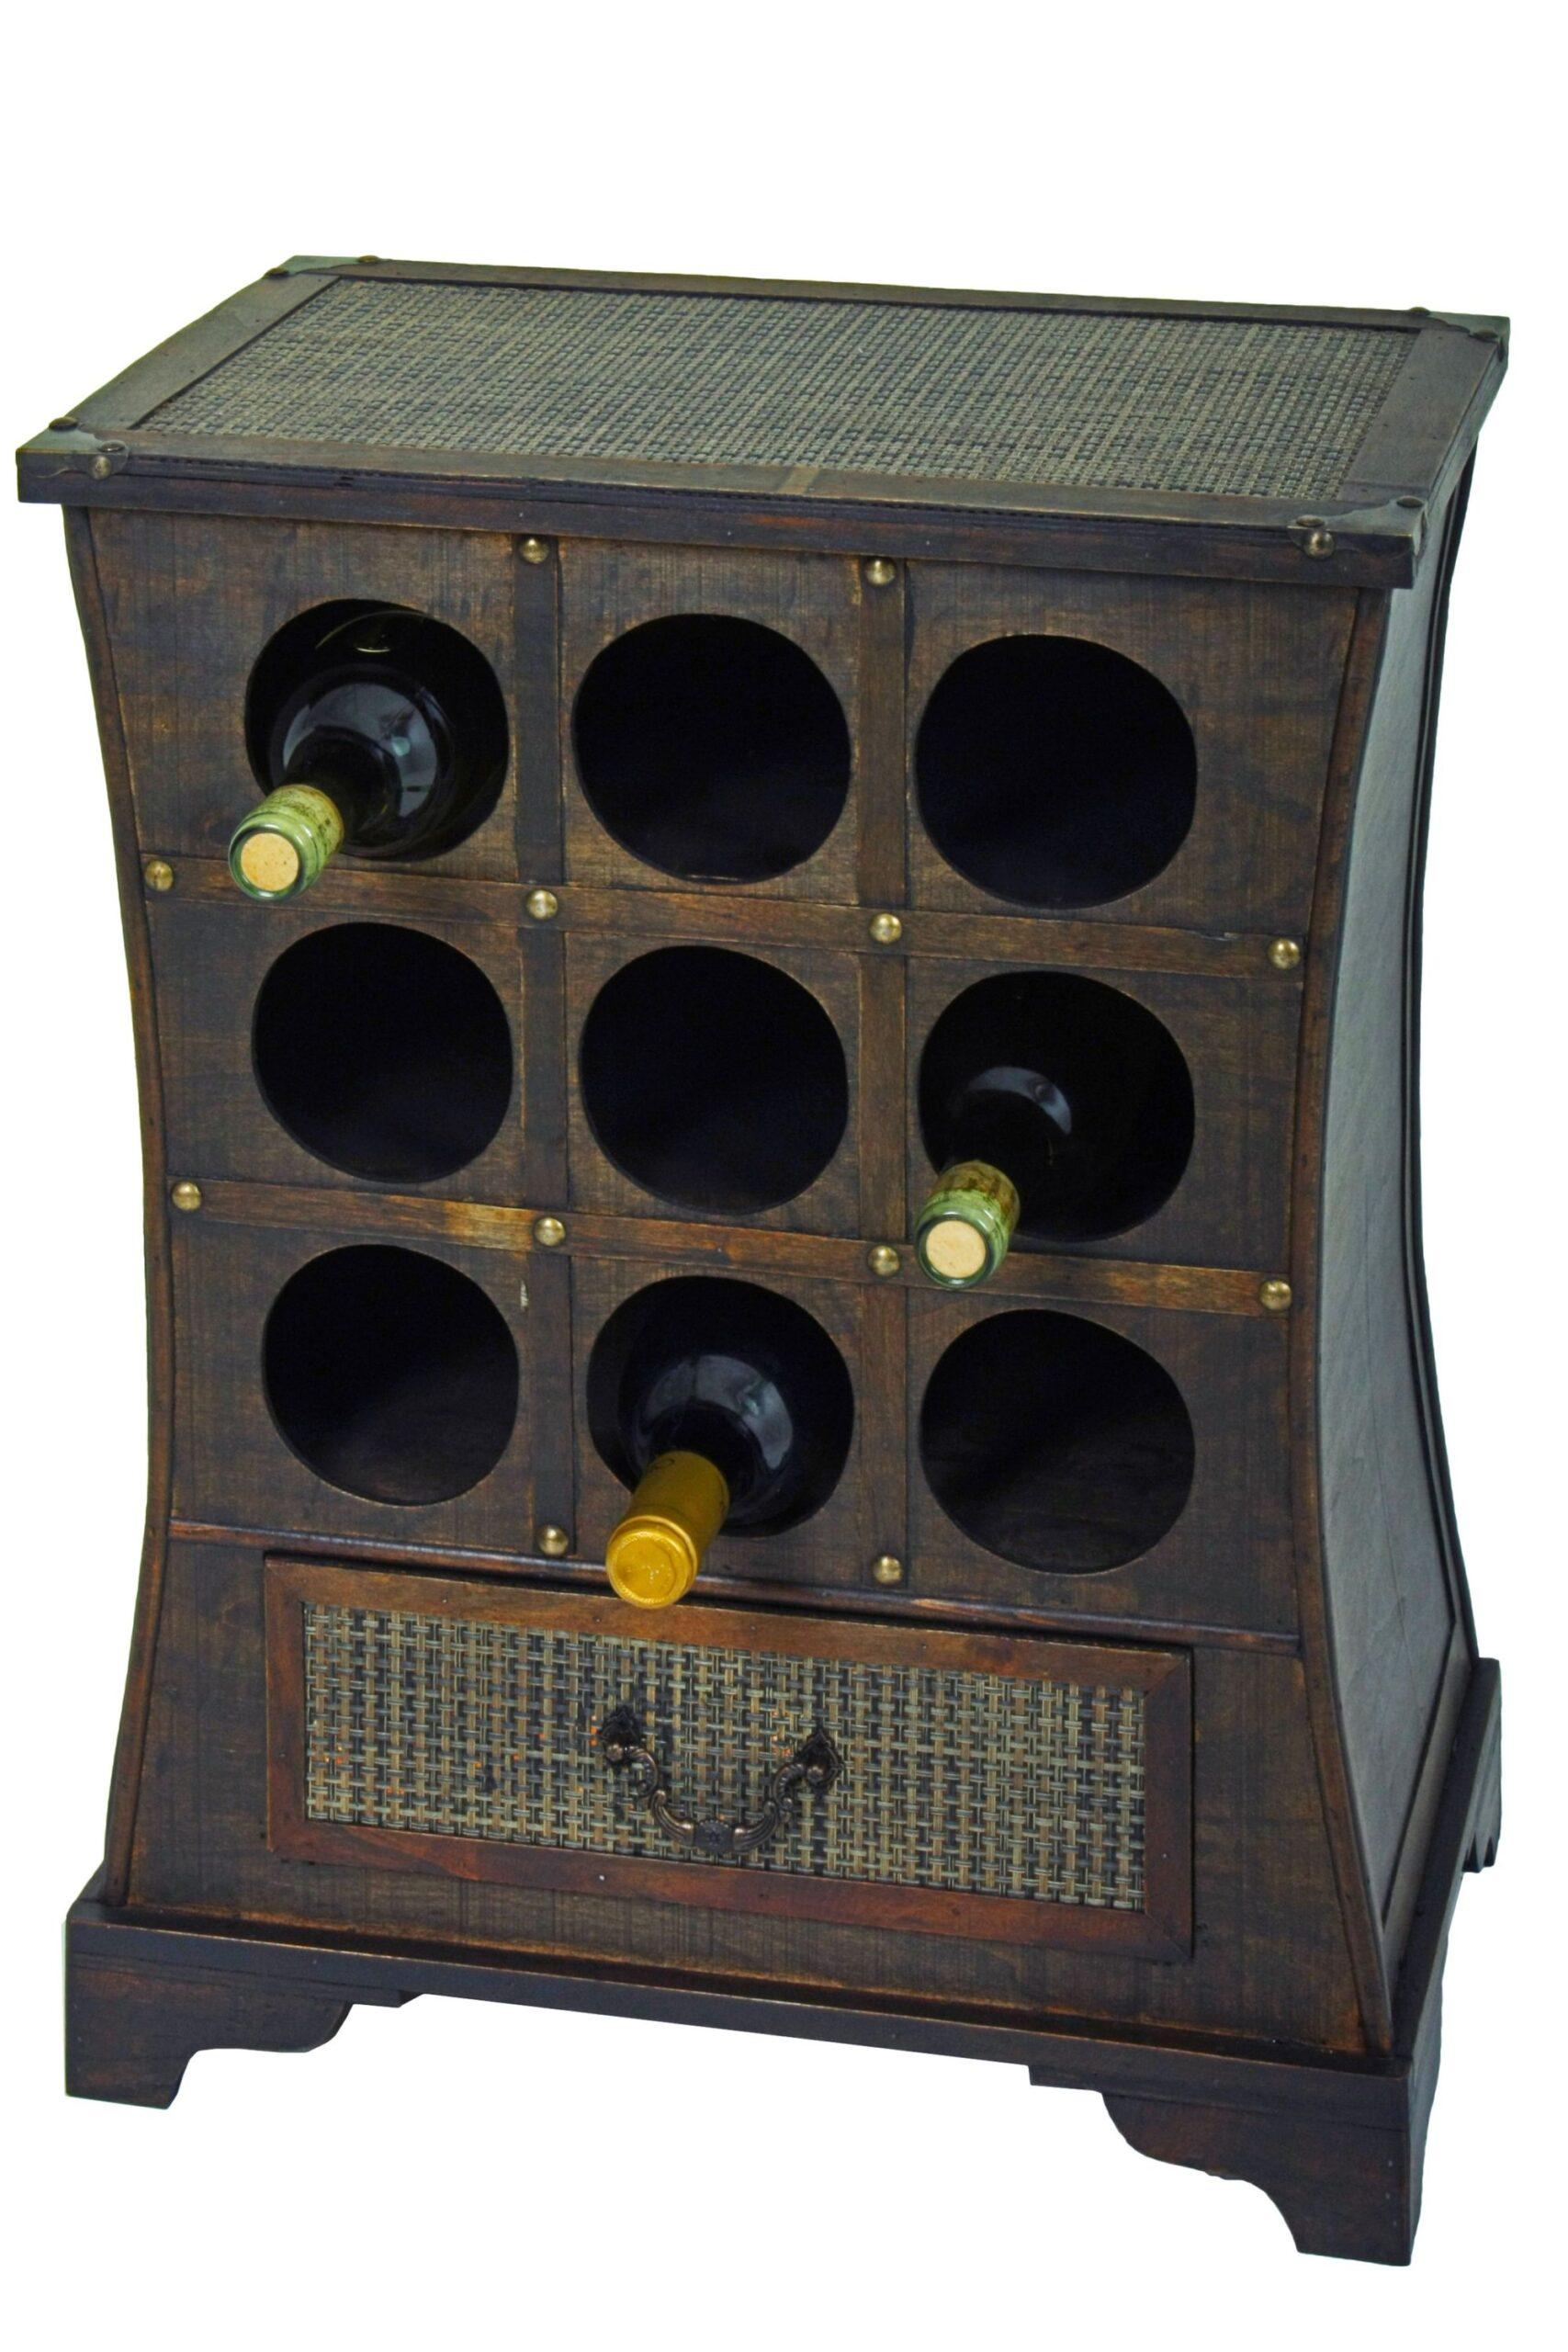 Full Size of Regal Kolonialstil Kolonial Holz Weinregal Flaschenregal Weinfregal F 9 Flaschen Soft Plus Kisten Anfahrschutz Kernbuche Weißes Für Dachschräge Fnp Flexa Regal Regal Kolonialstil